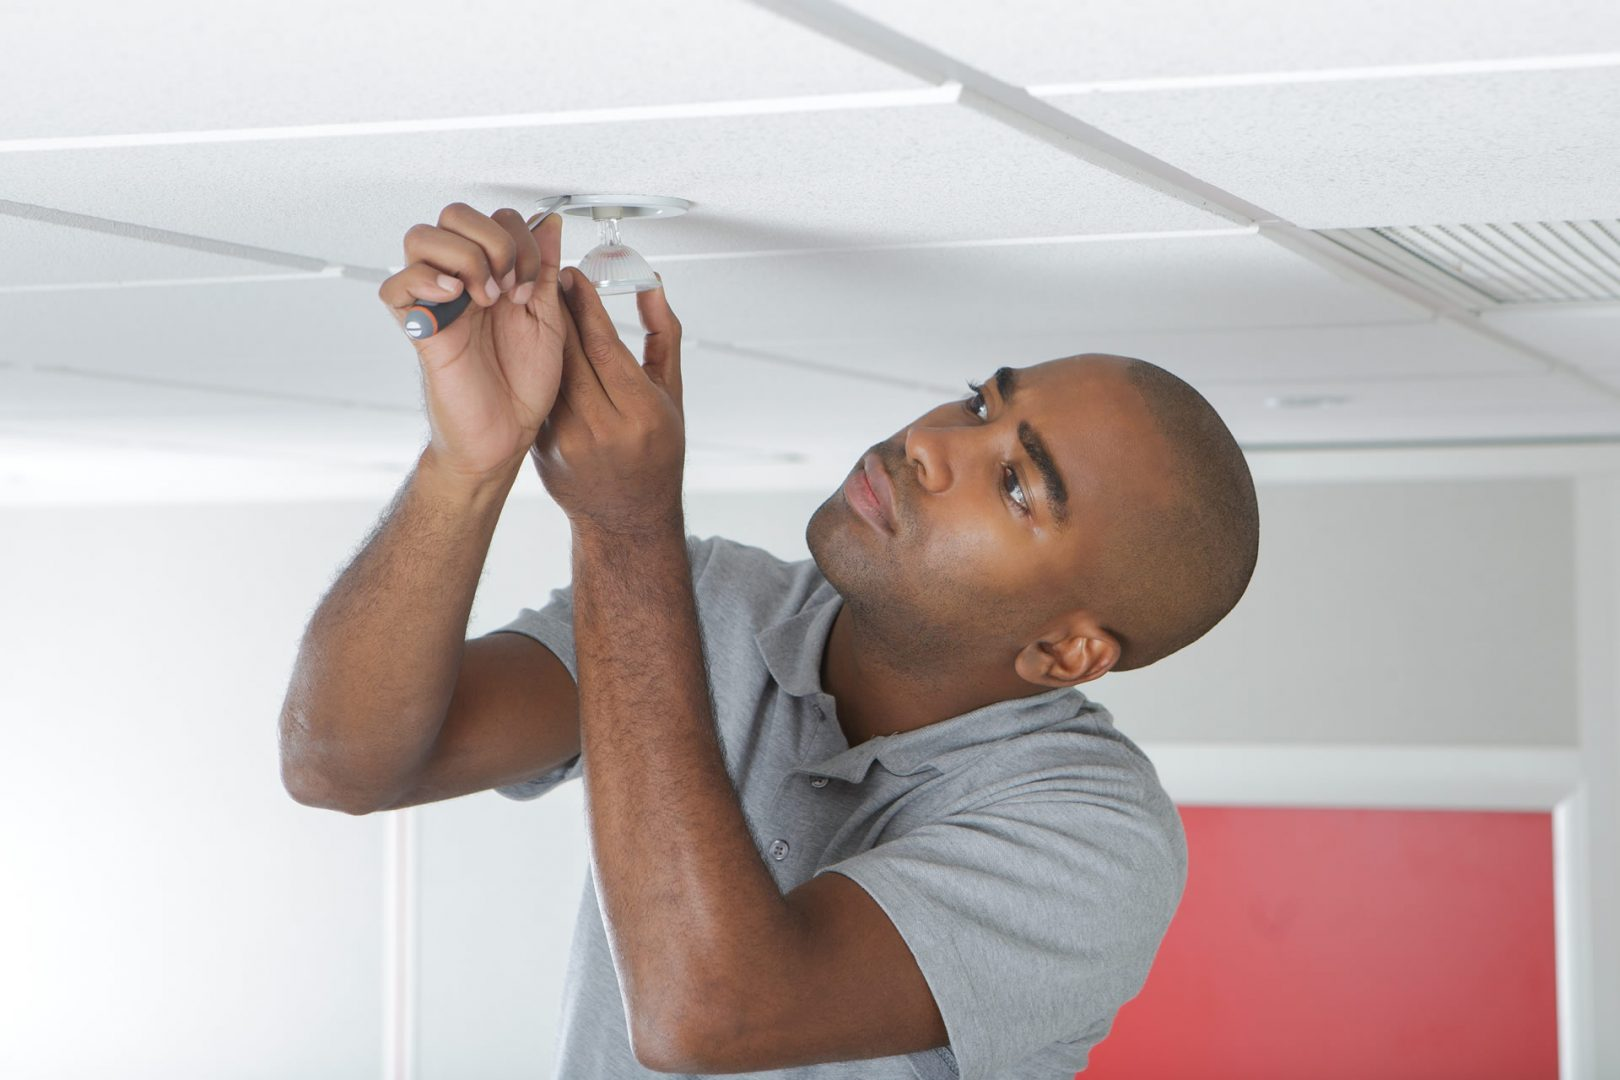 handyman3 - Handyman